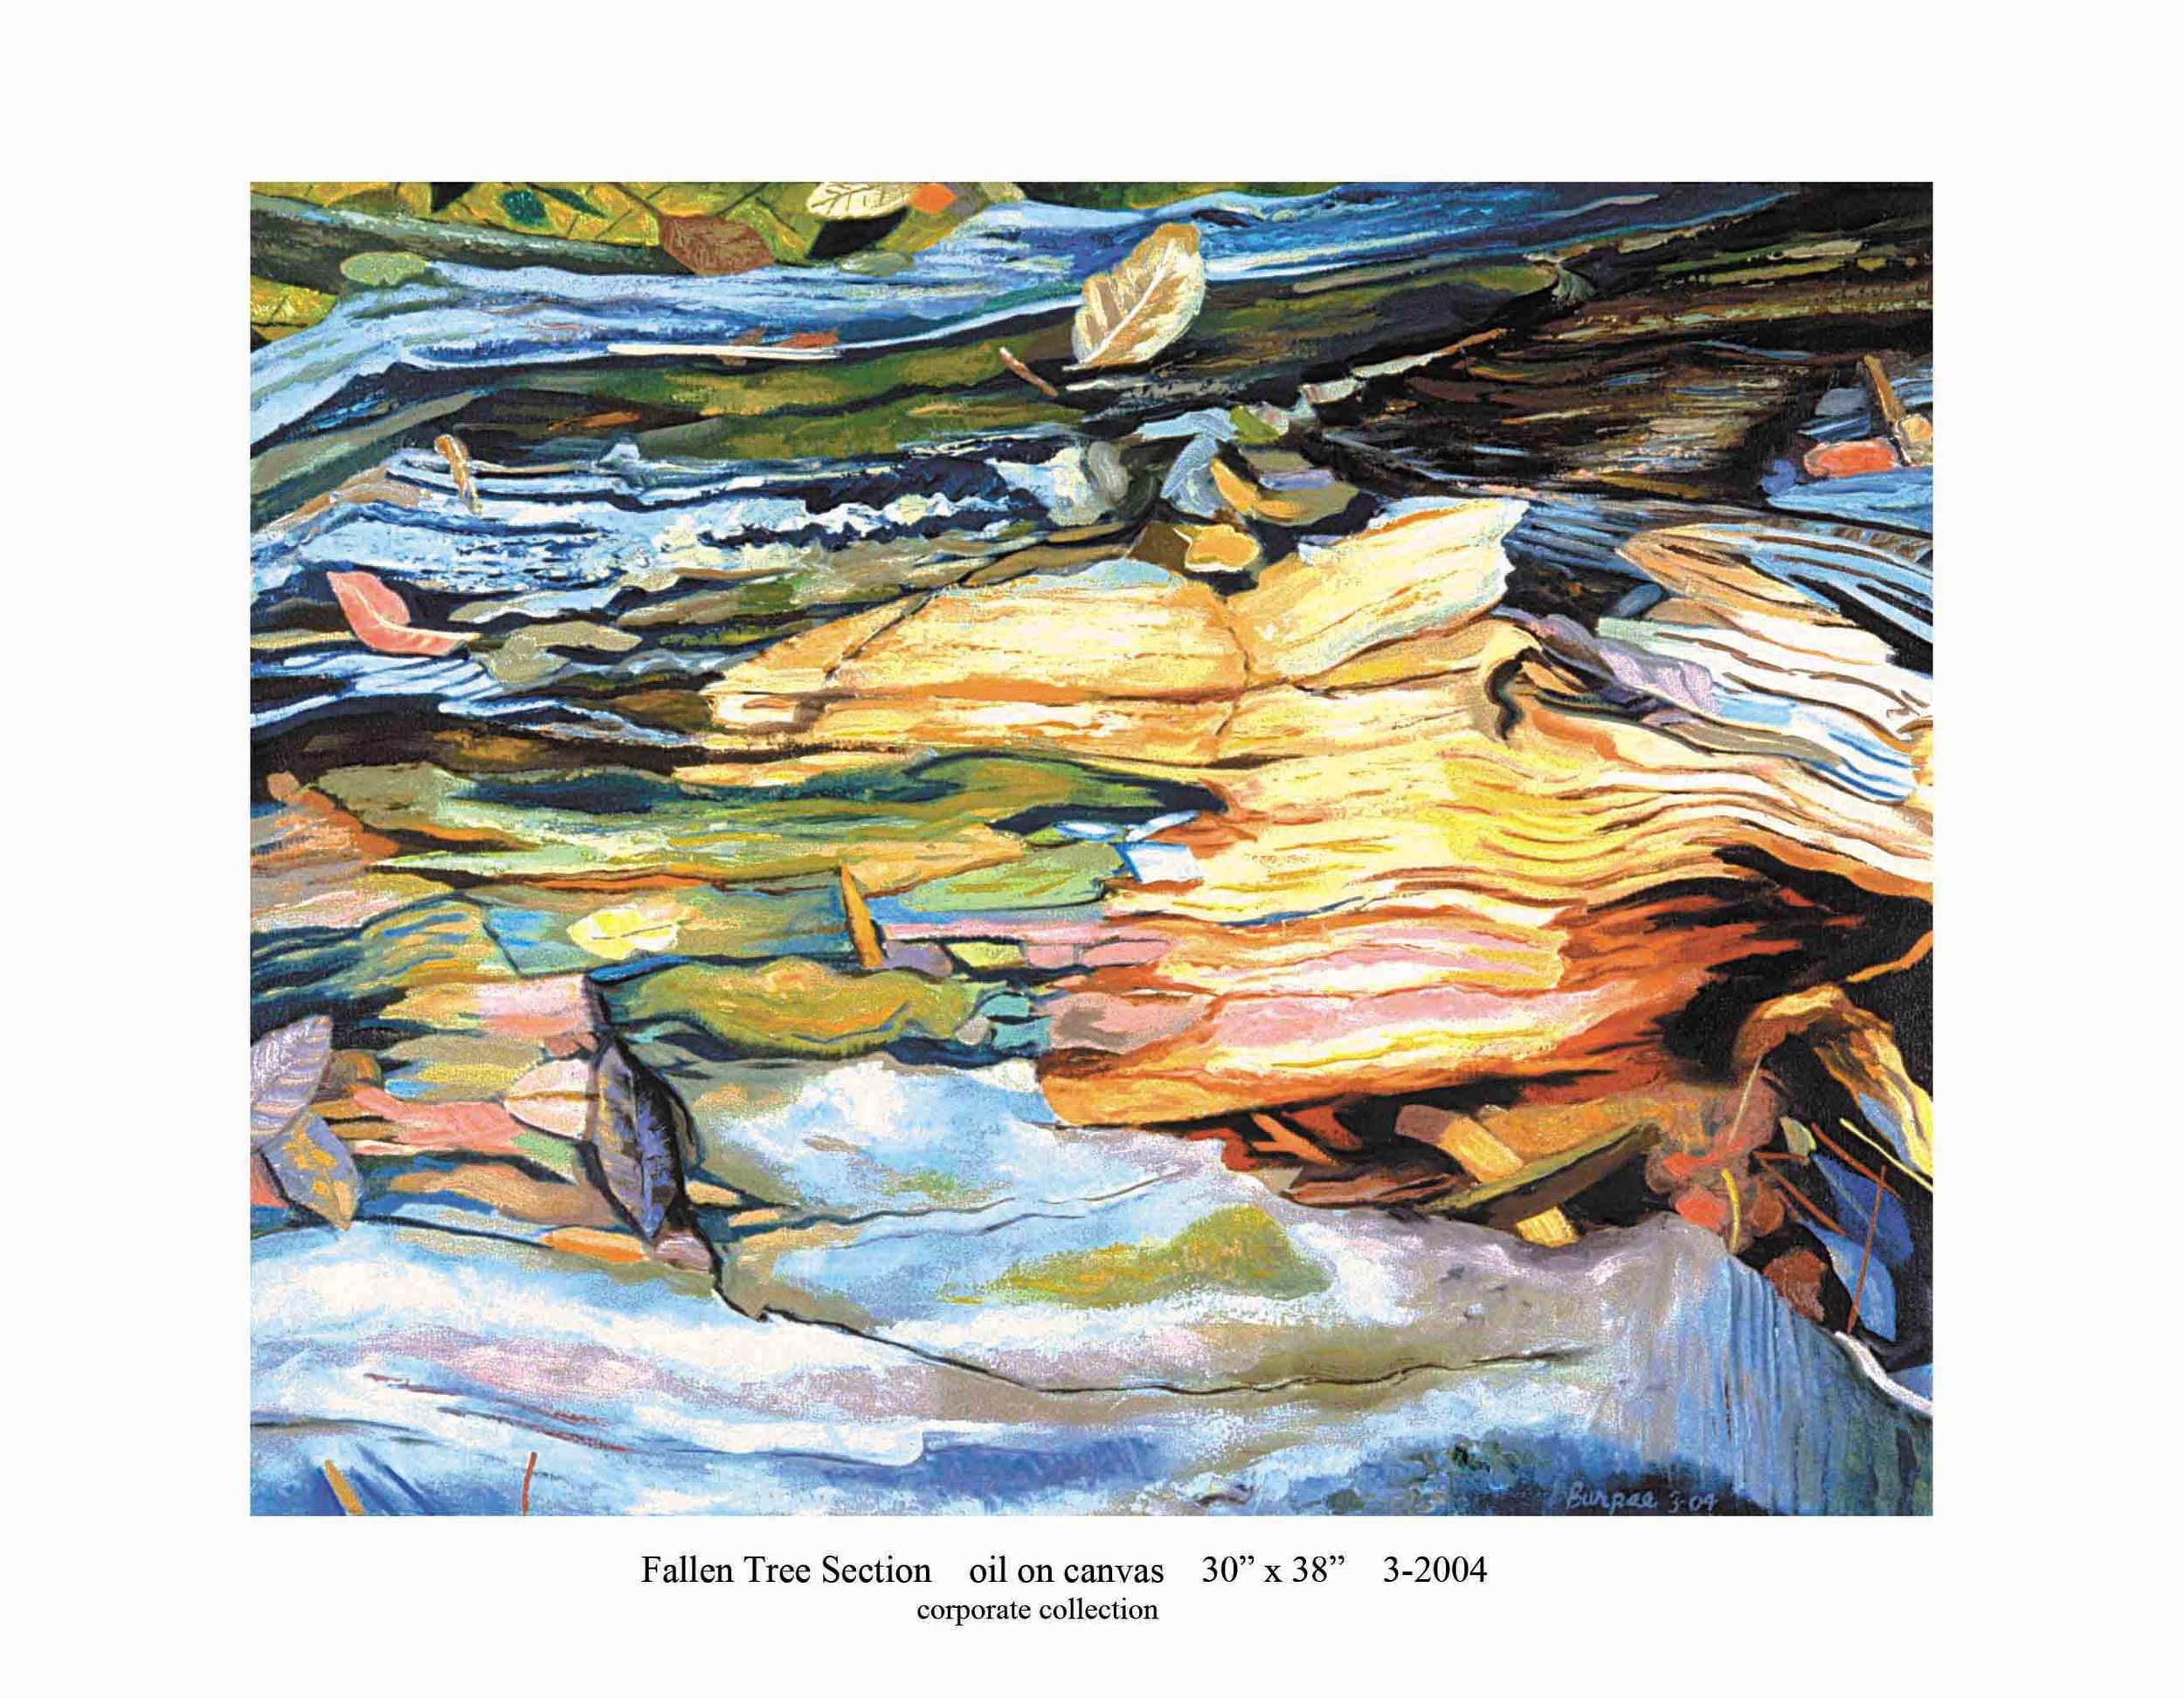 4) 3-2004 Fallen Tree Section 30 x 38.jpg